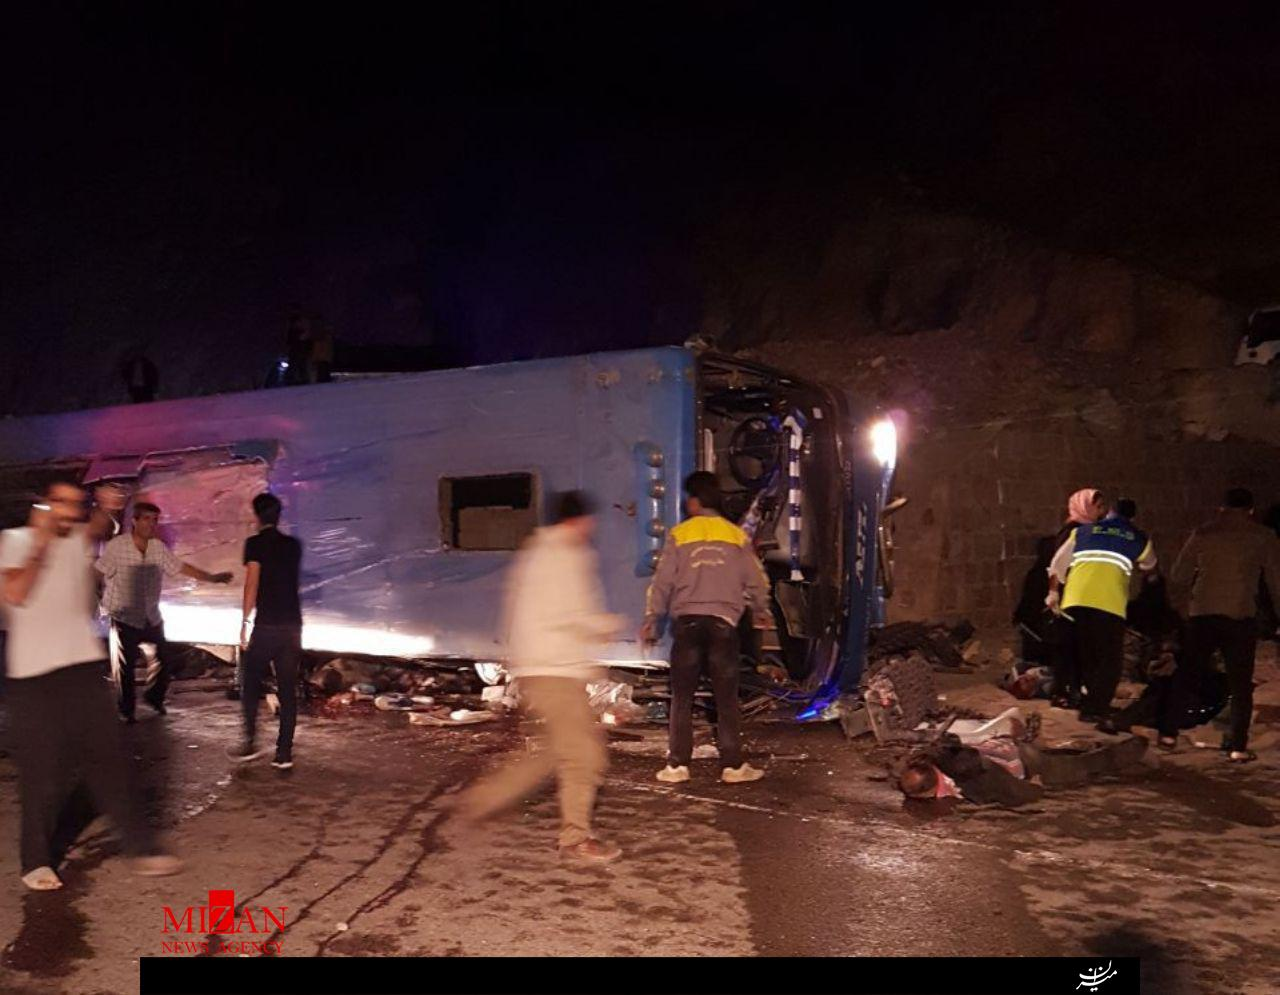 علت قطعی واژگونی مرگبار اتوبوس ولوو در سوادکوه مشخص شد/ 3 نفر مقصر اصلی حادثه